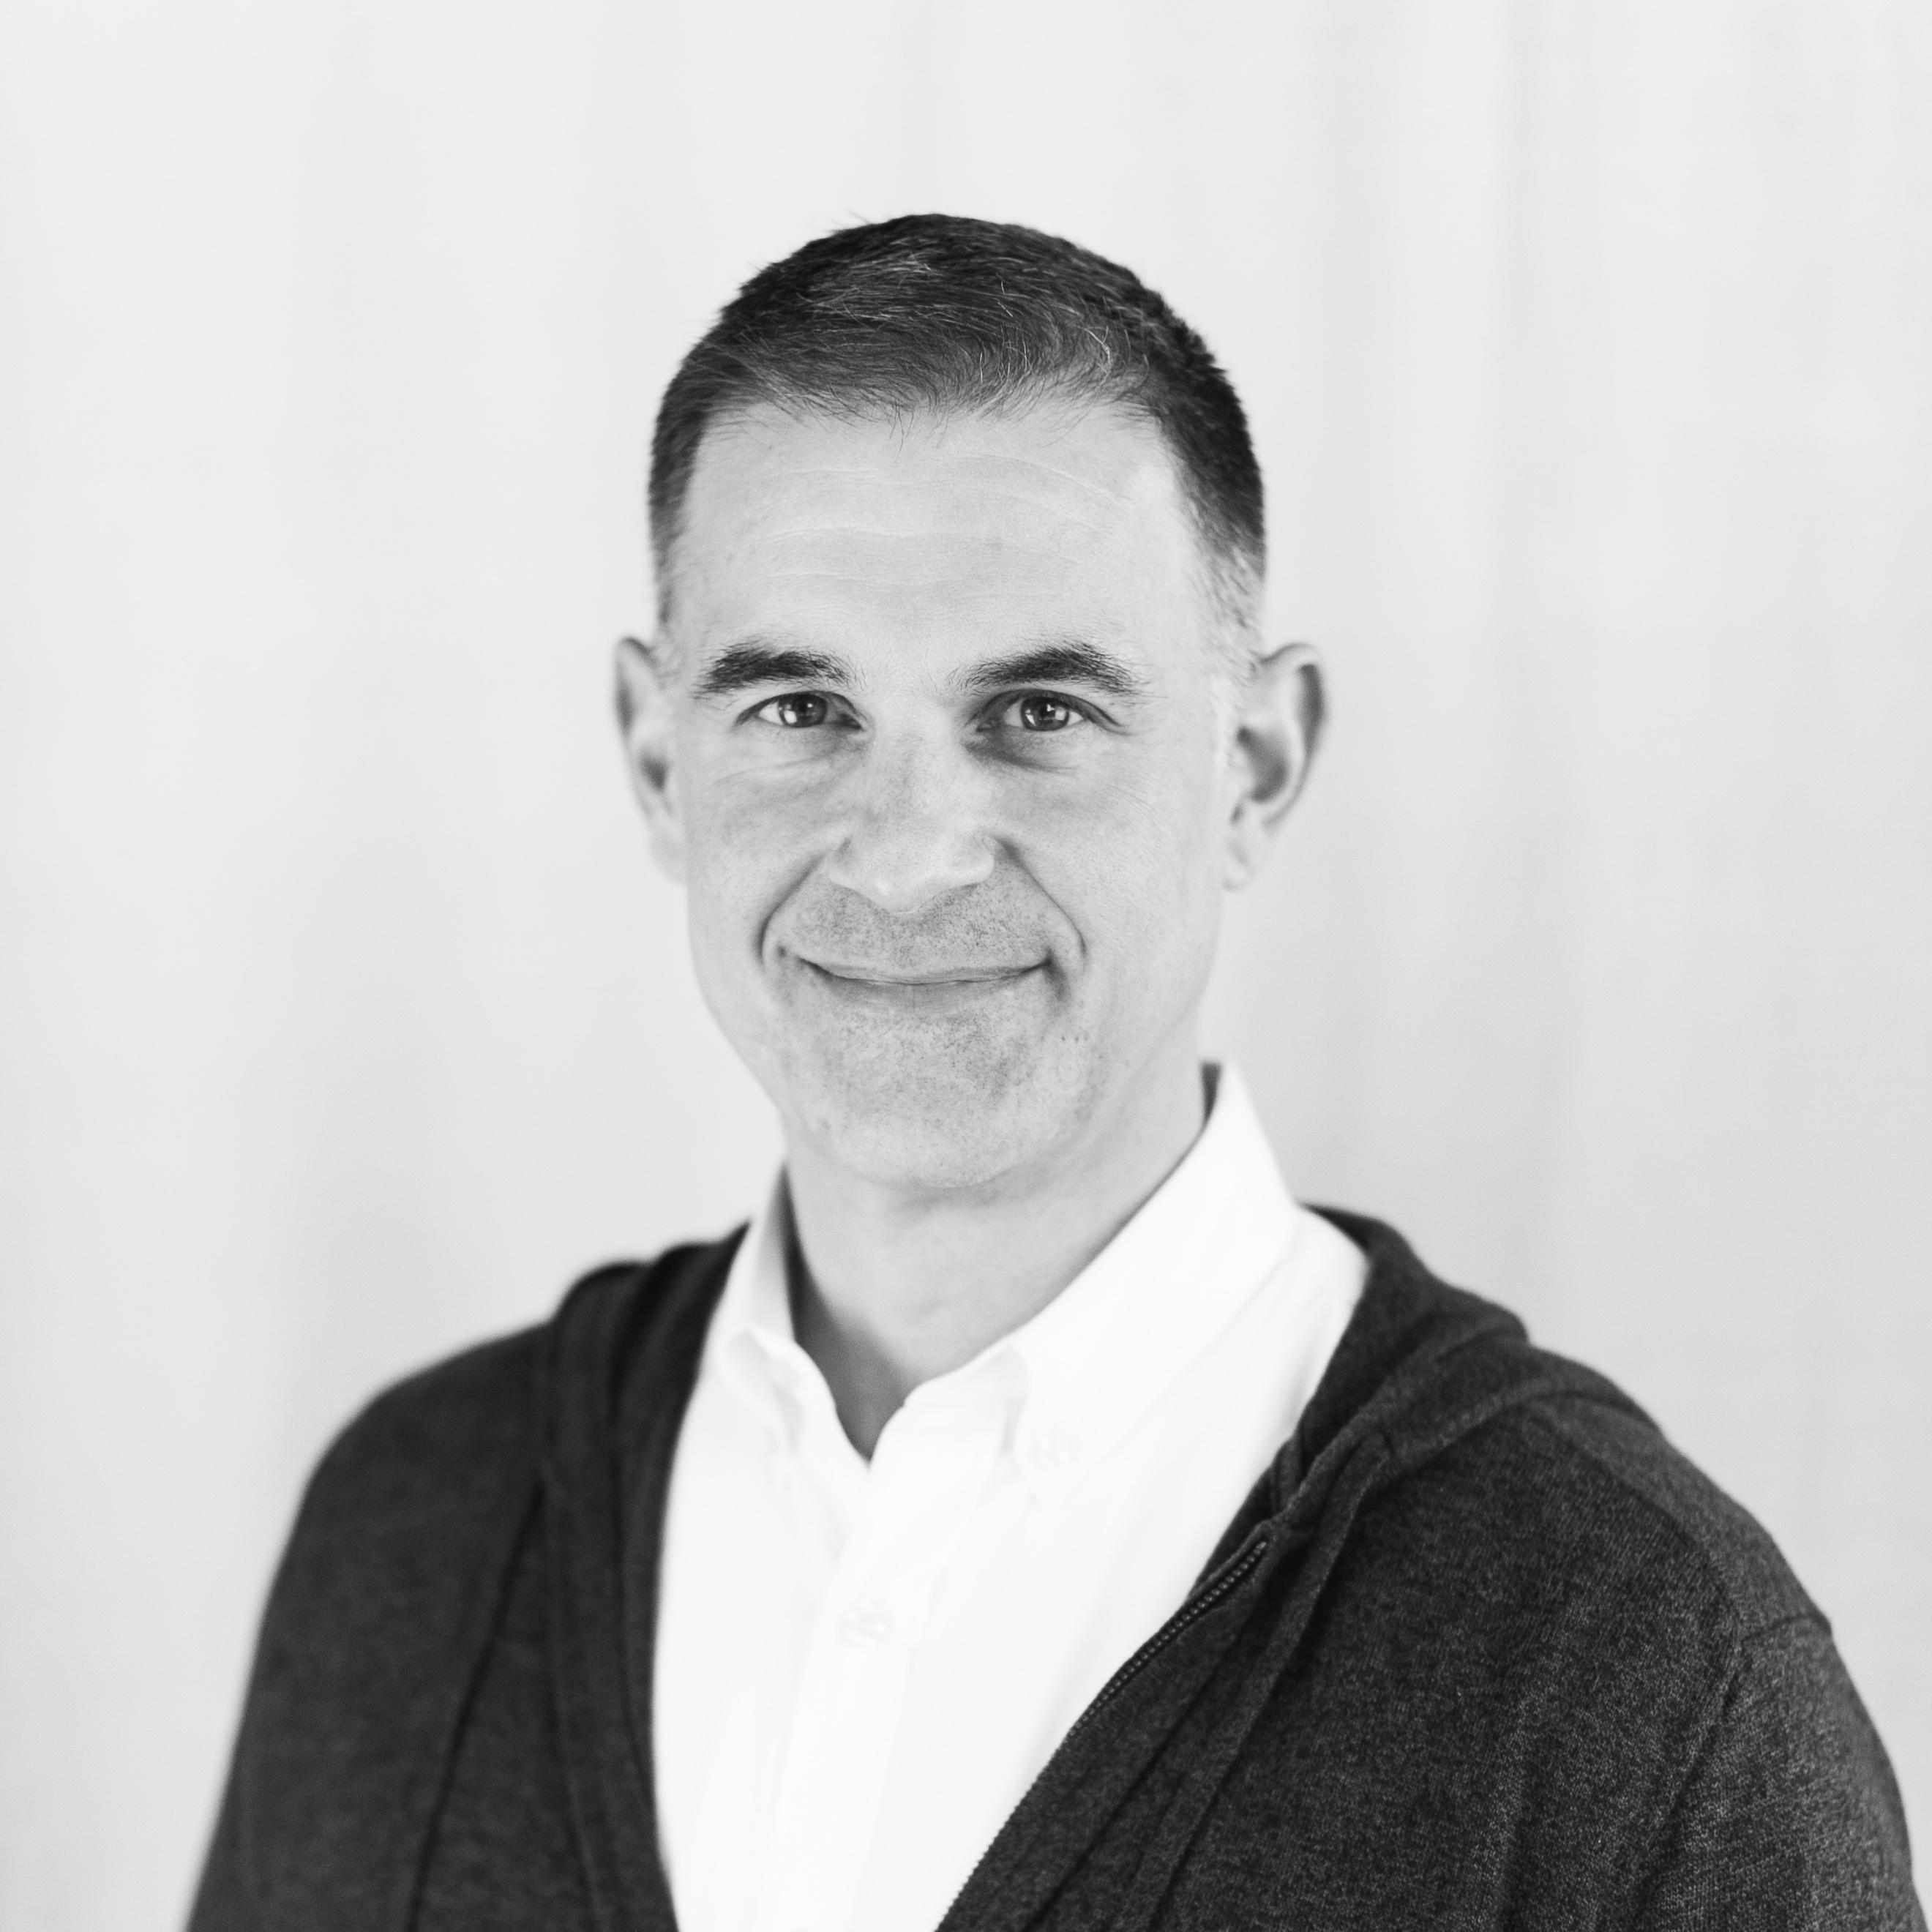 David Krupp